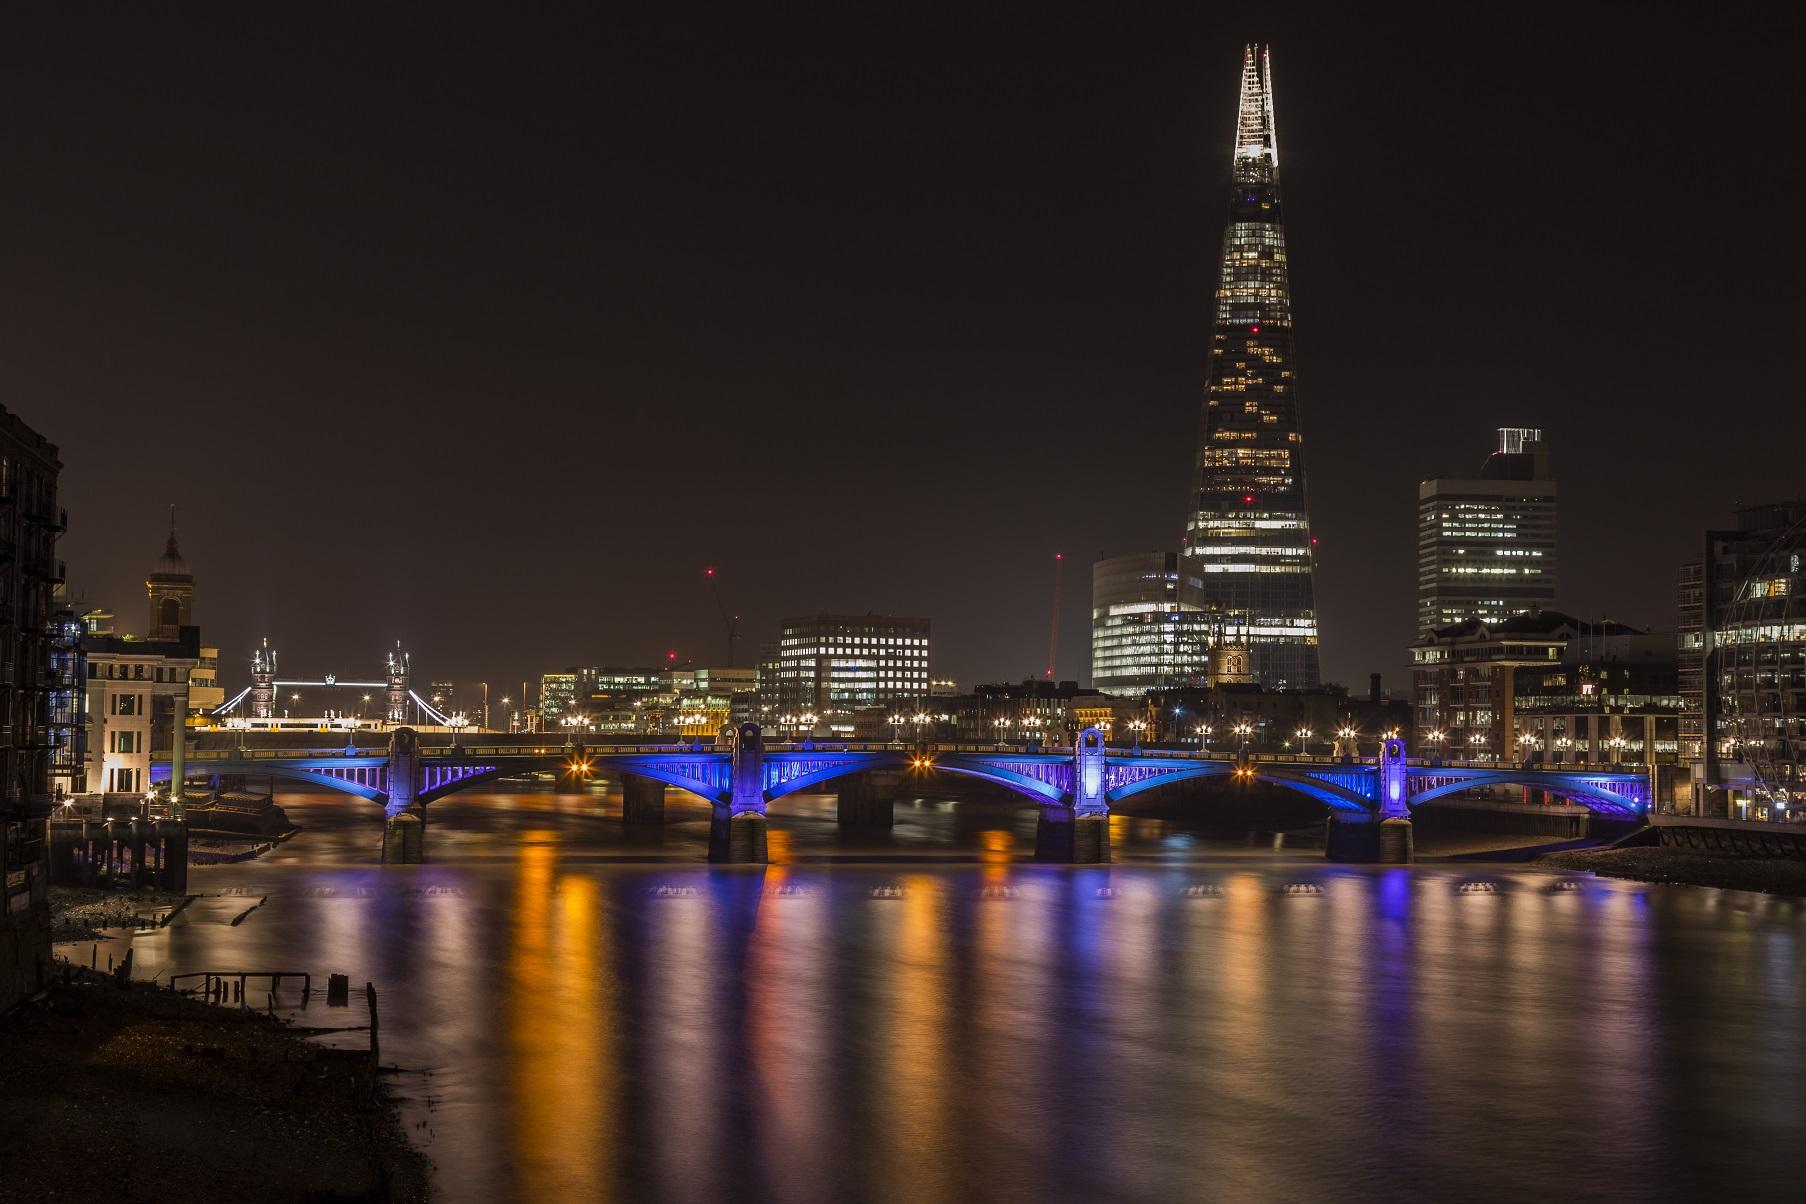 Londra: Shard e Tamigi...